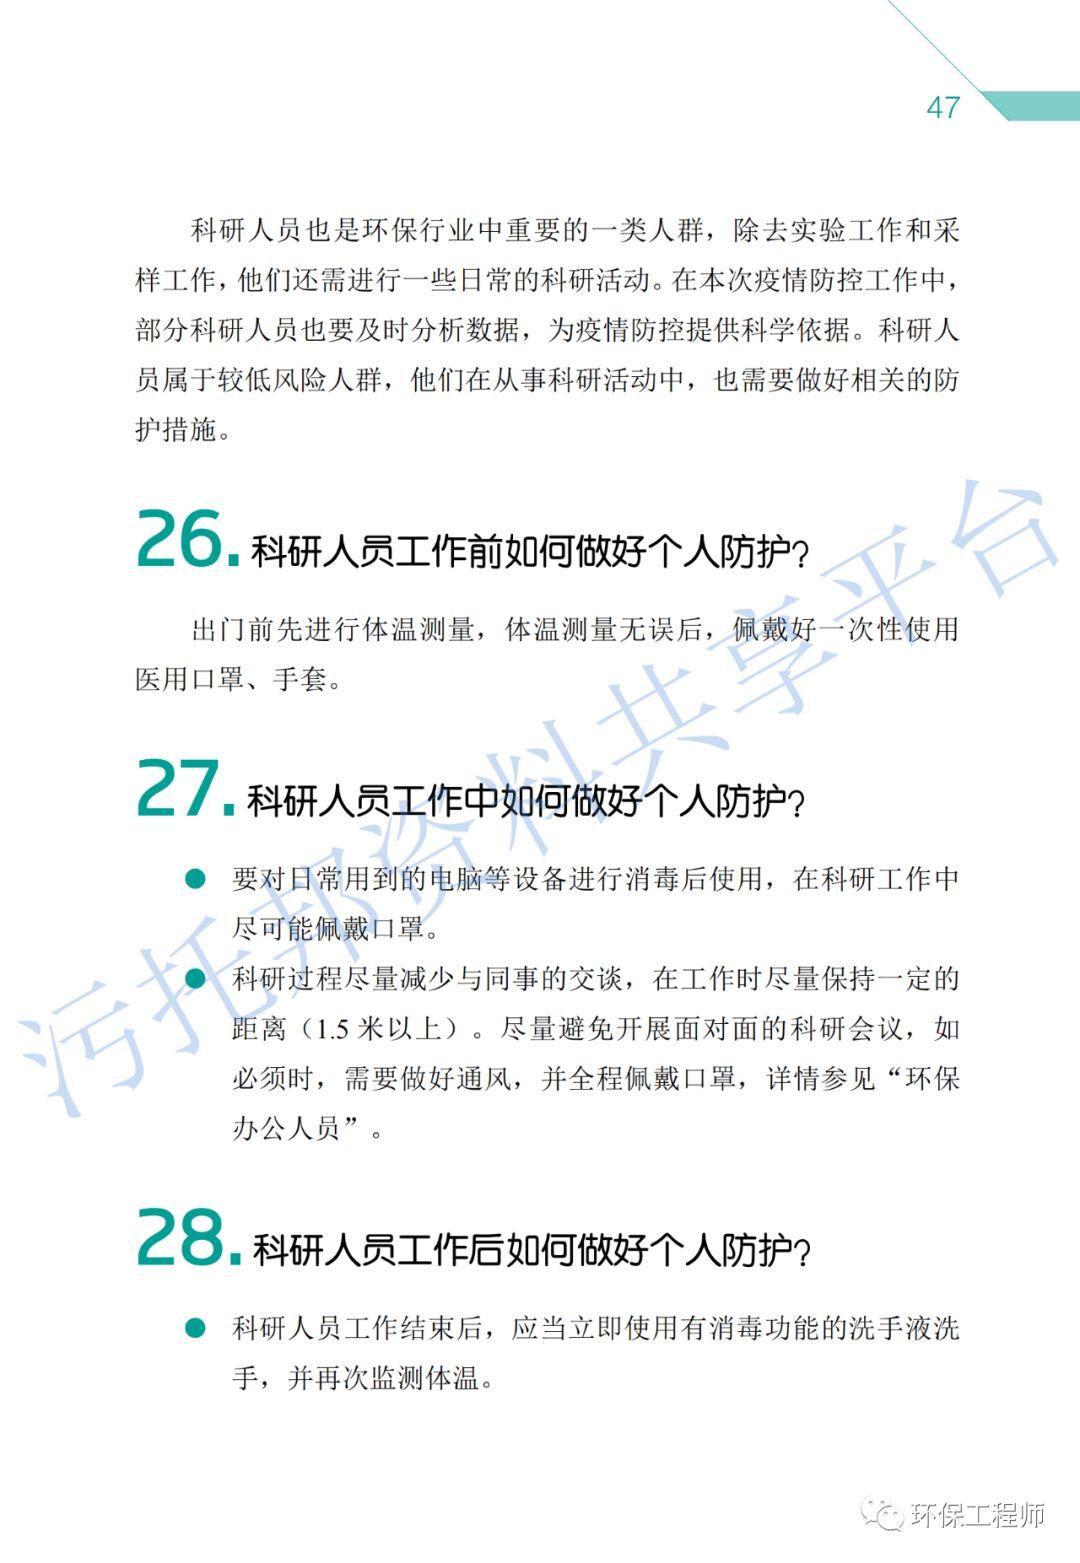 《环保从业人员新型冠状病毒疫情防护手册》_29